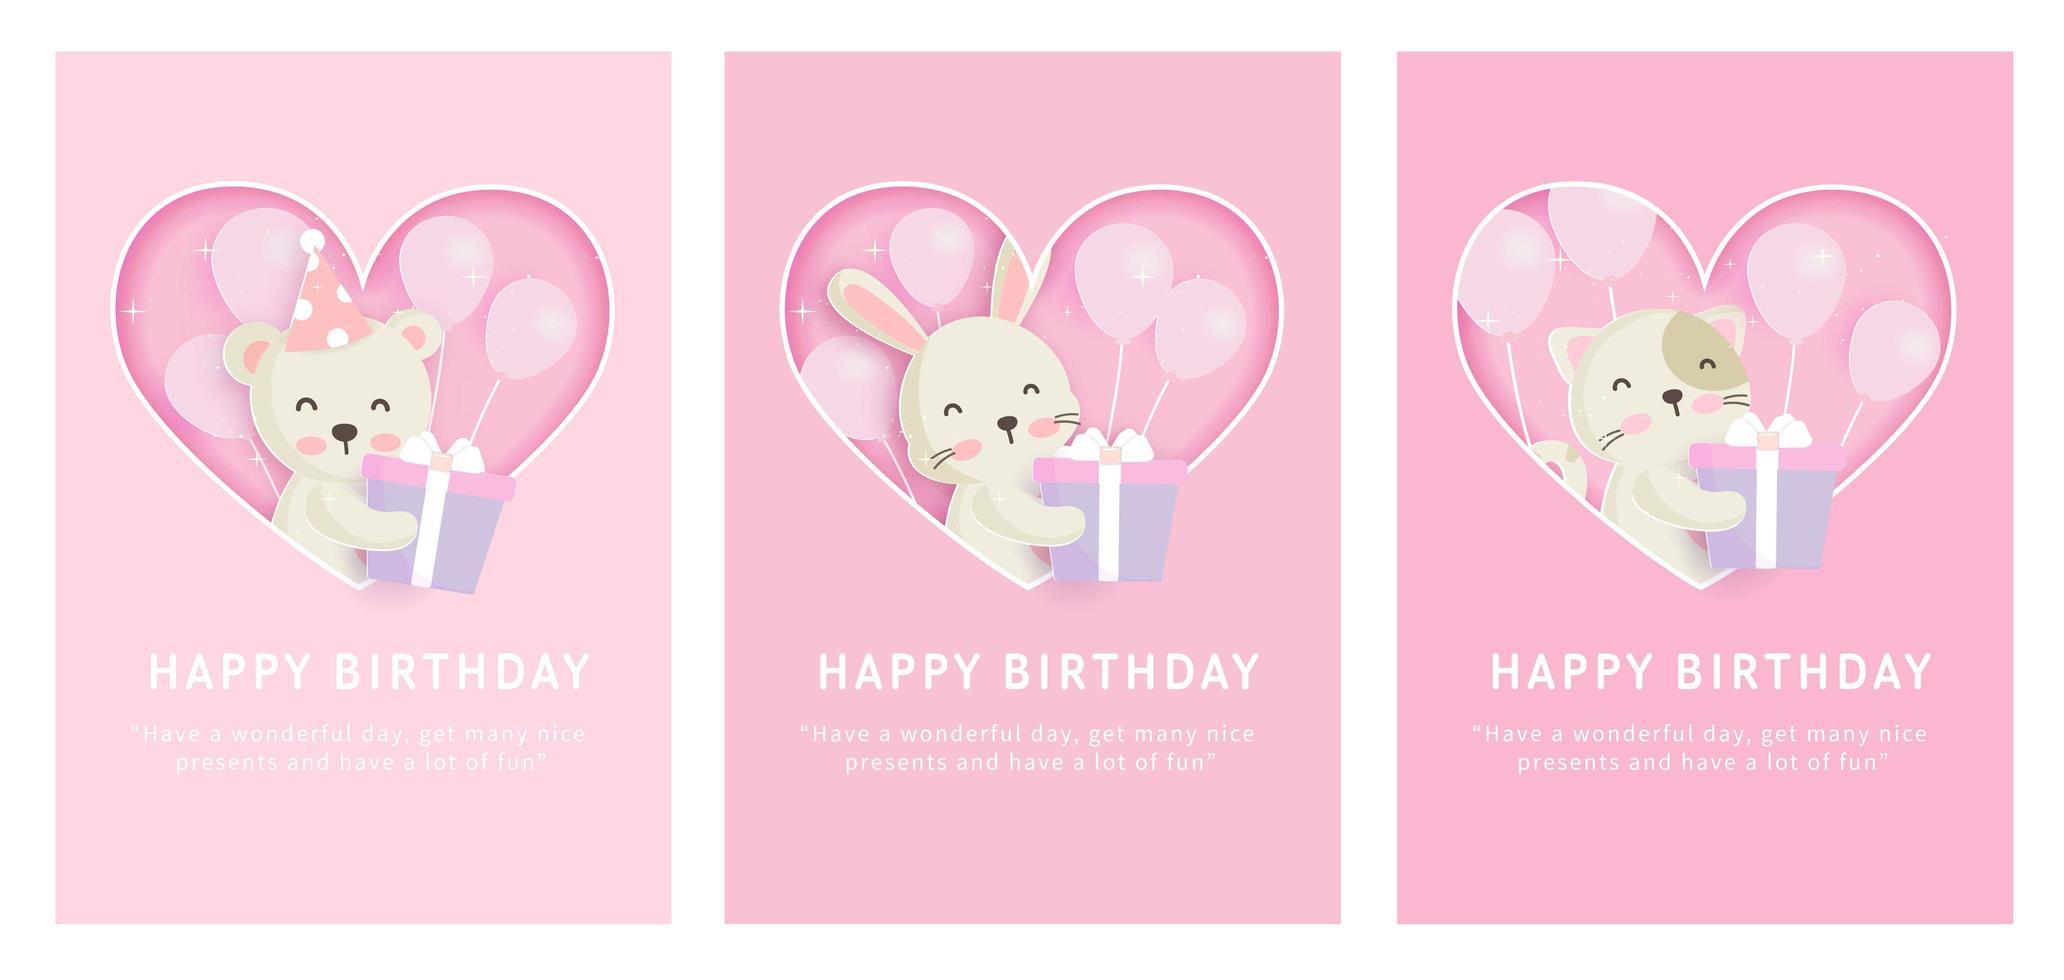 impostare carte di buon compleanno vettore